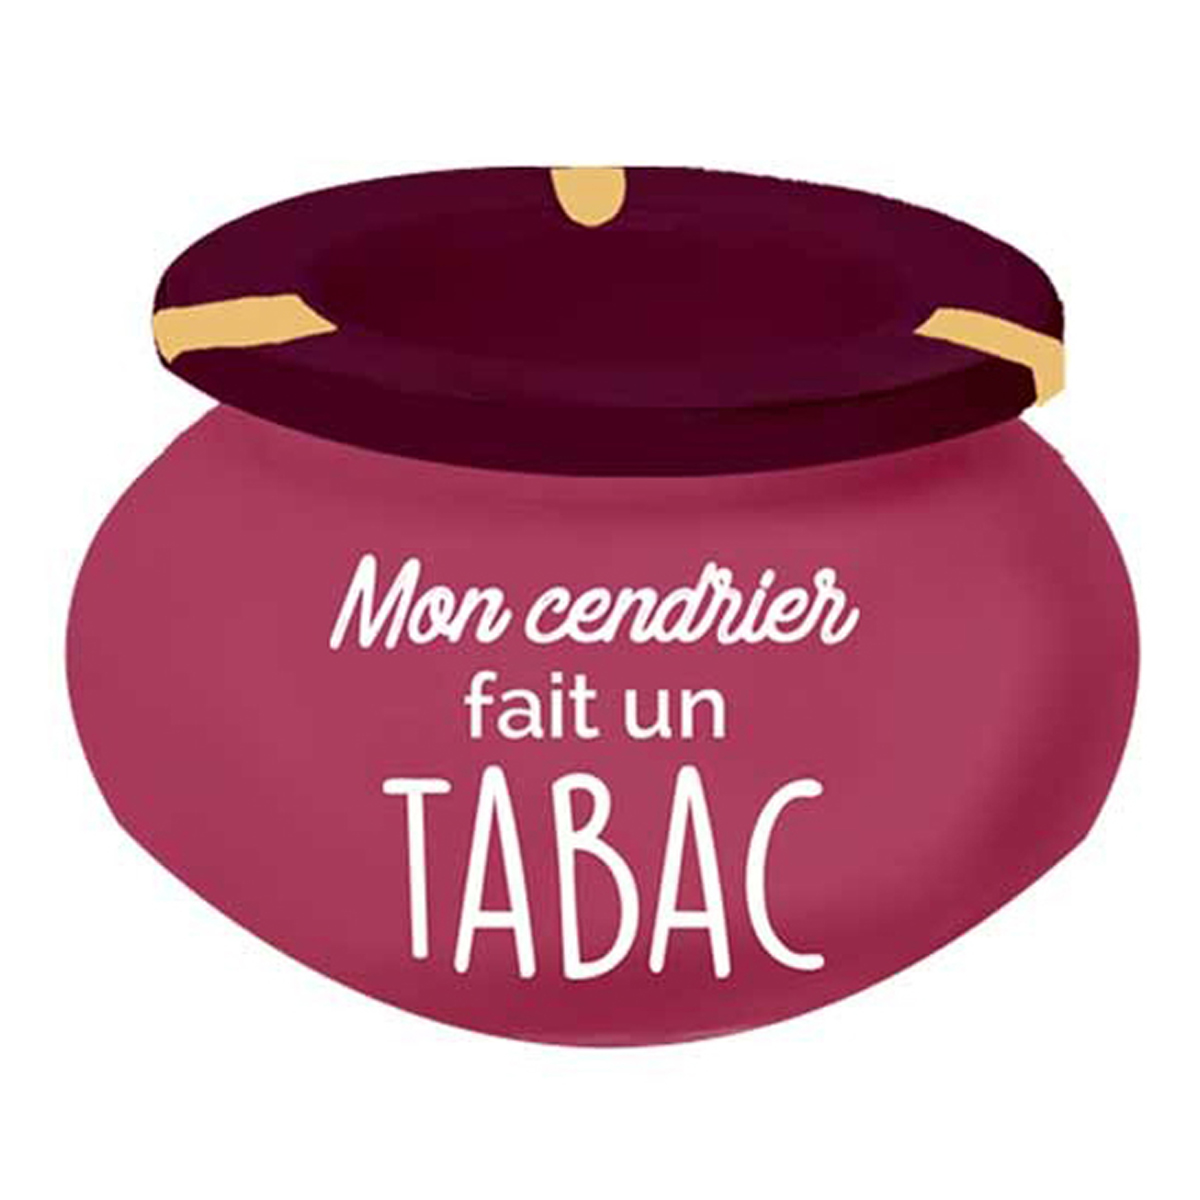 Cendrier marocain céramique \'Messages\' rose violet (Mon cendrier fait un tabac) - 9x6 cm - [Q3679]